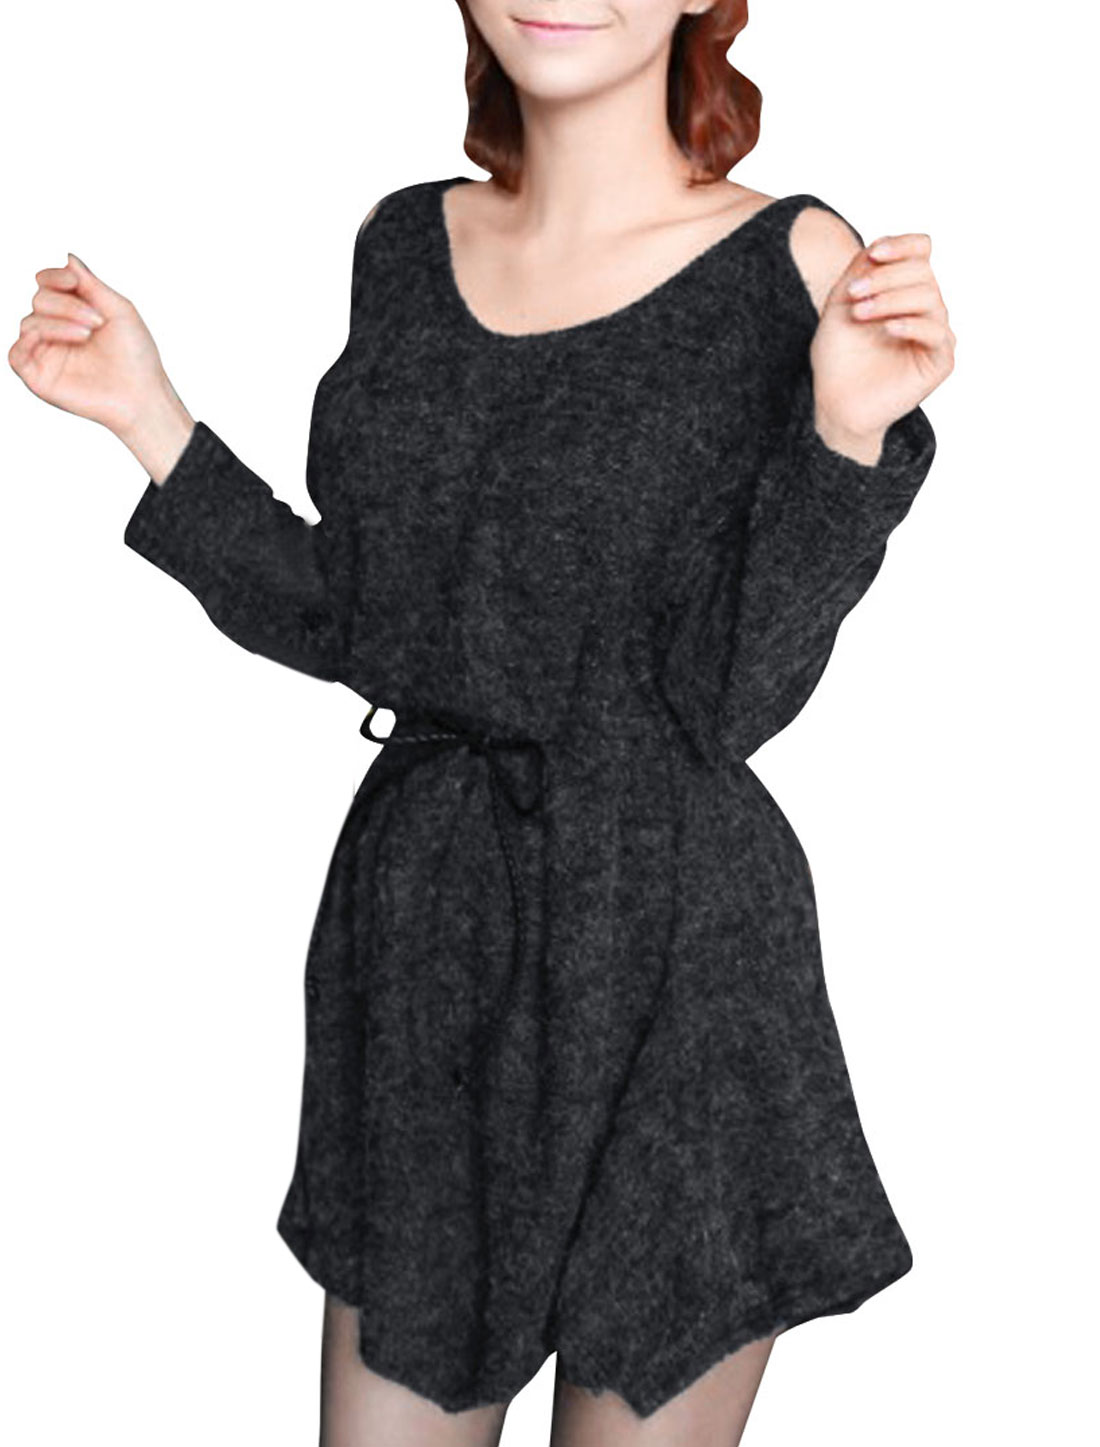 Women Cut Out Sleeve String Irregular Hem Knitted Dress Dark Gray S